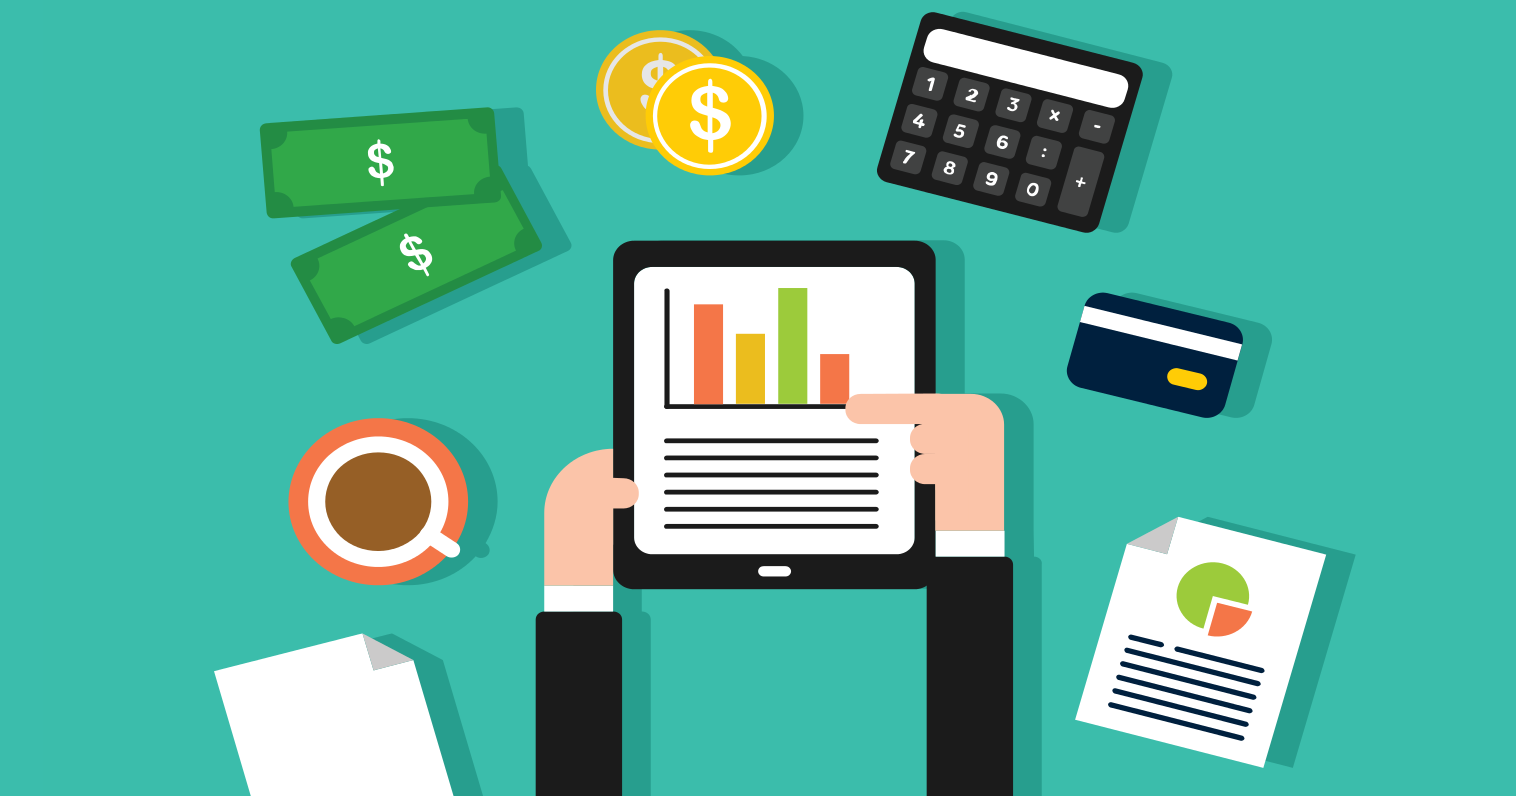 Облачные сервисы Amazon и анализ инвестиционного портфеля